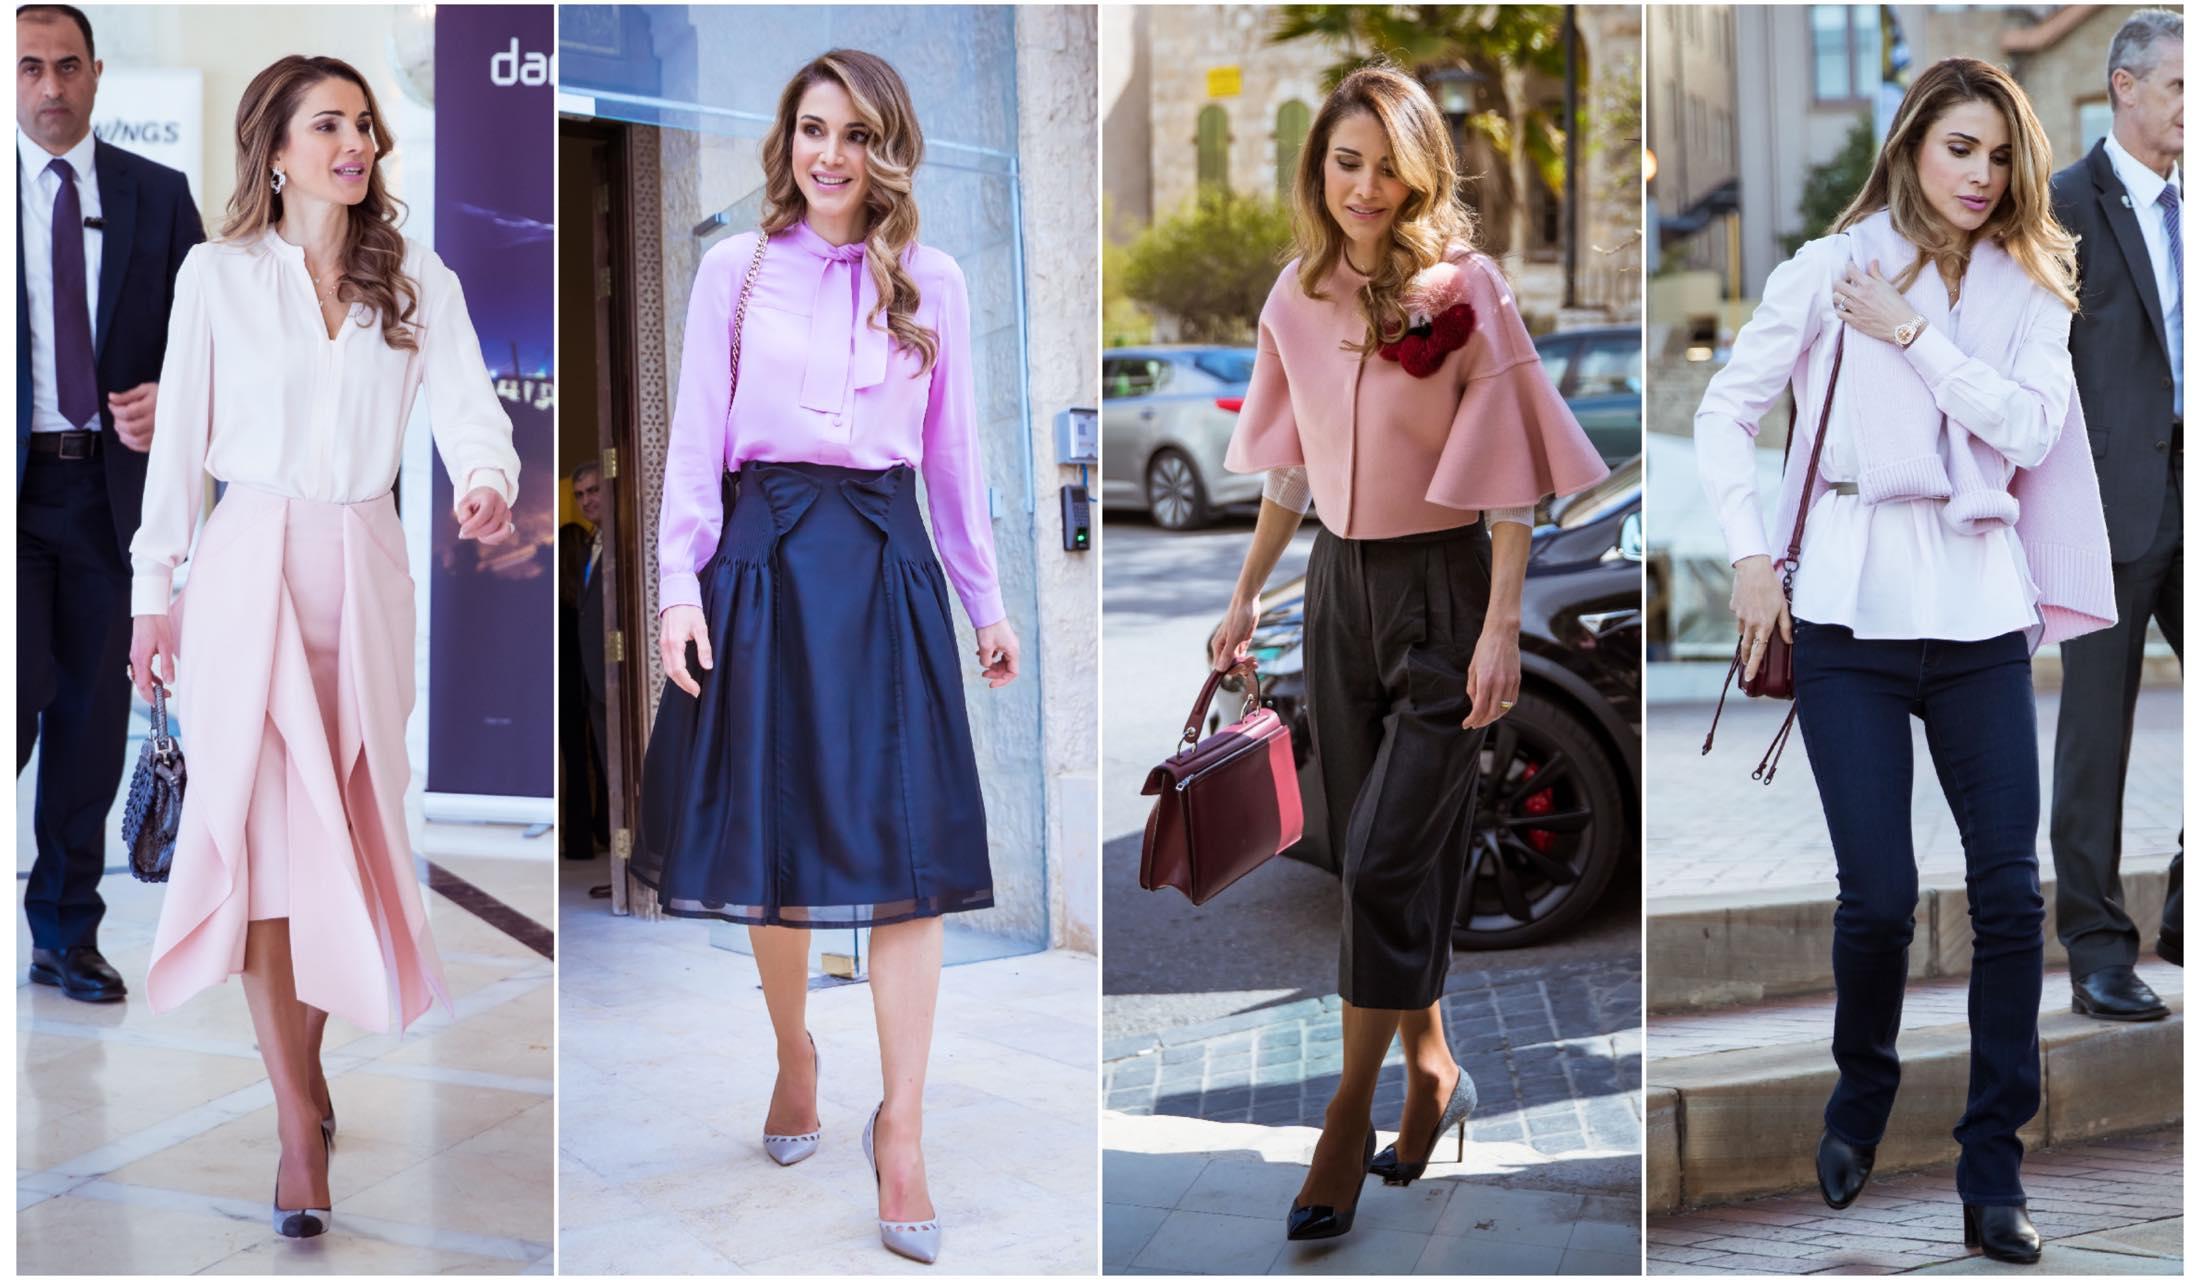 ヨルダンのラーニア王妃のピンクカラーファッションのストリートスナップ写真